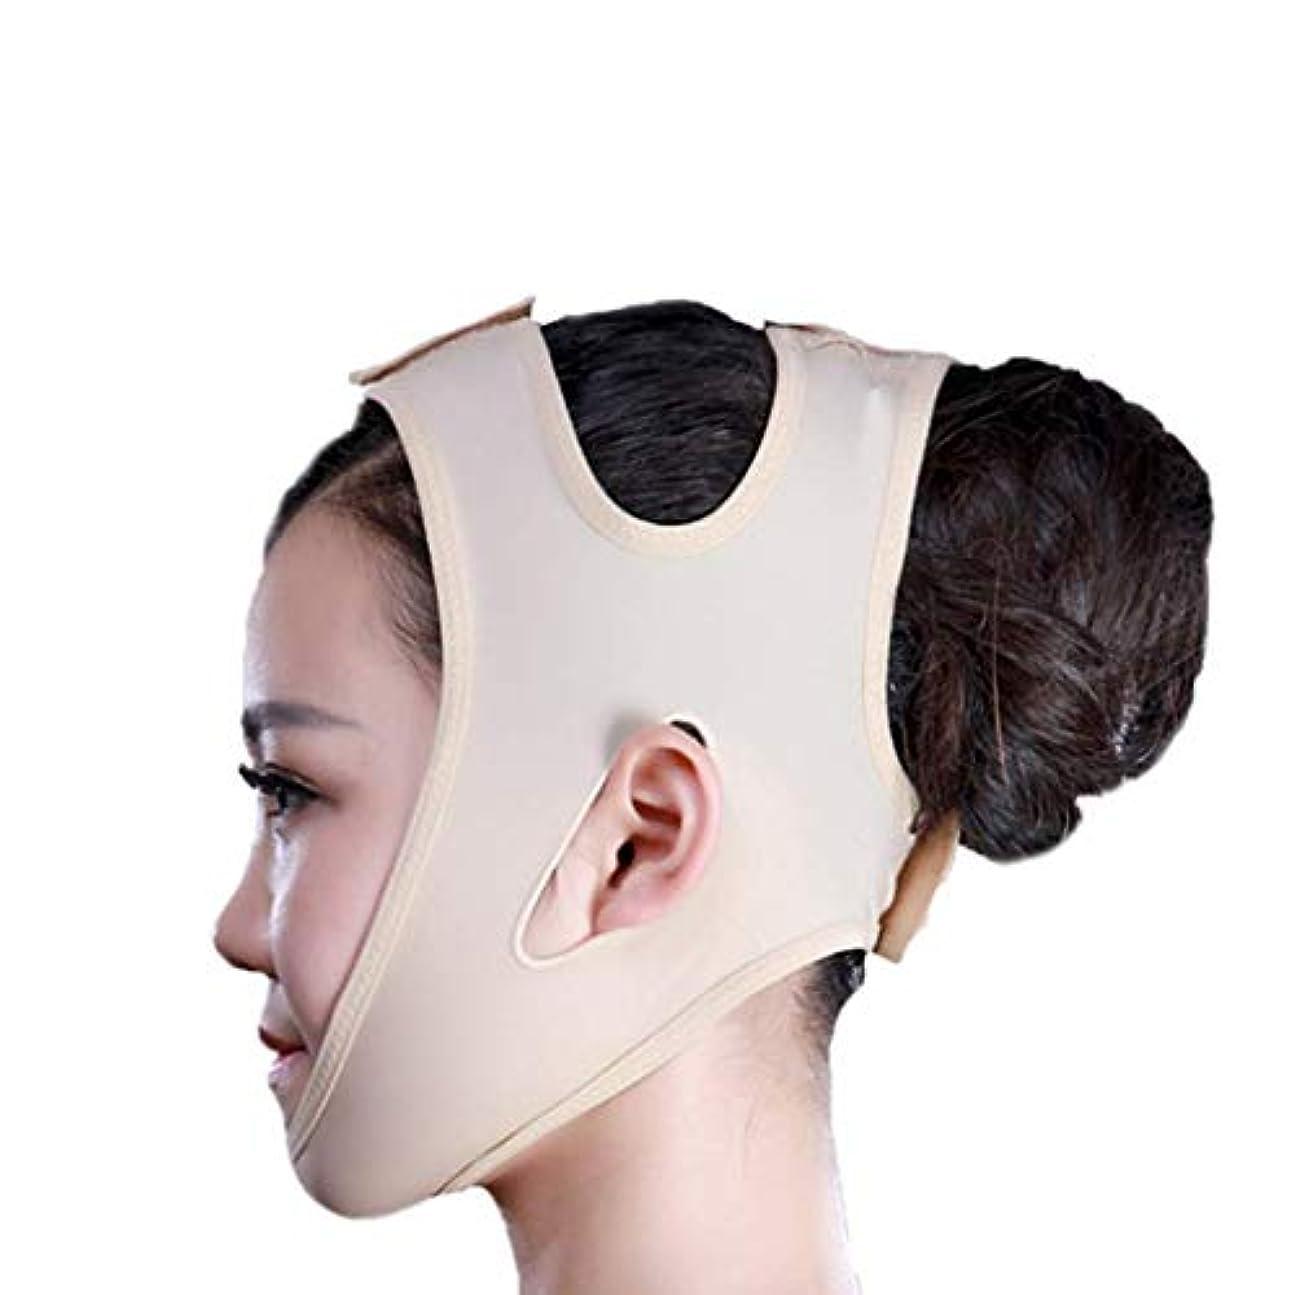 思いやりくびれた老人フェイススリミングマスク、快適さと通気性、フェイシャルリフティング、輪郭の改善された硬さ、ファーミングとリフティングフェイス(カラー:ブラック、サイズ:XL),黄色がかったピンク、XXL